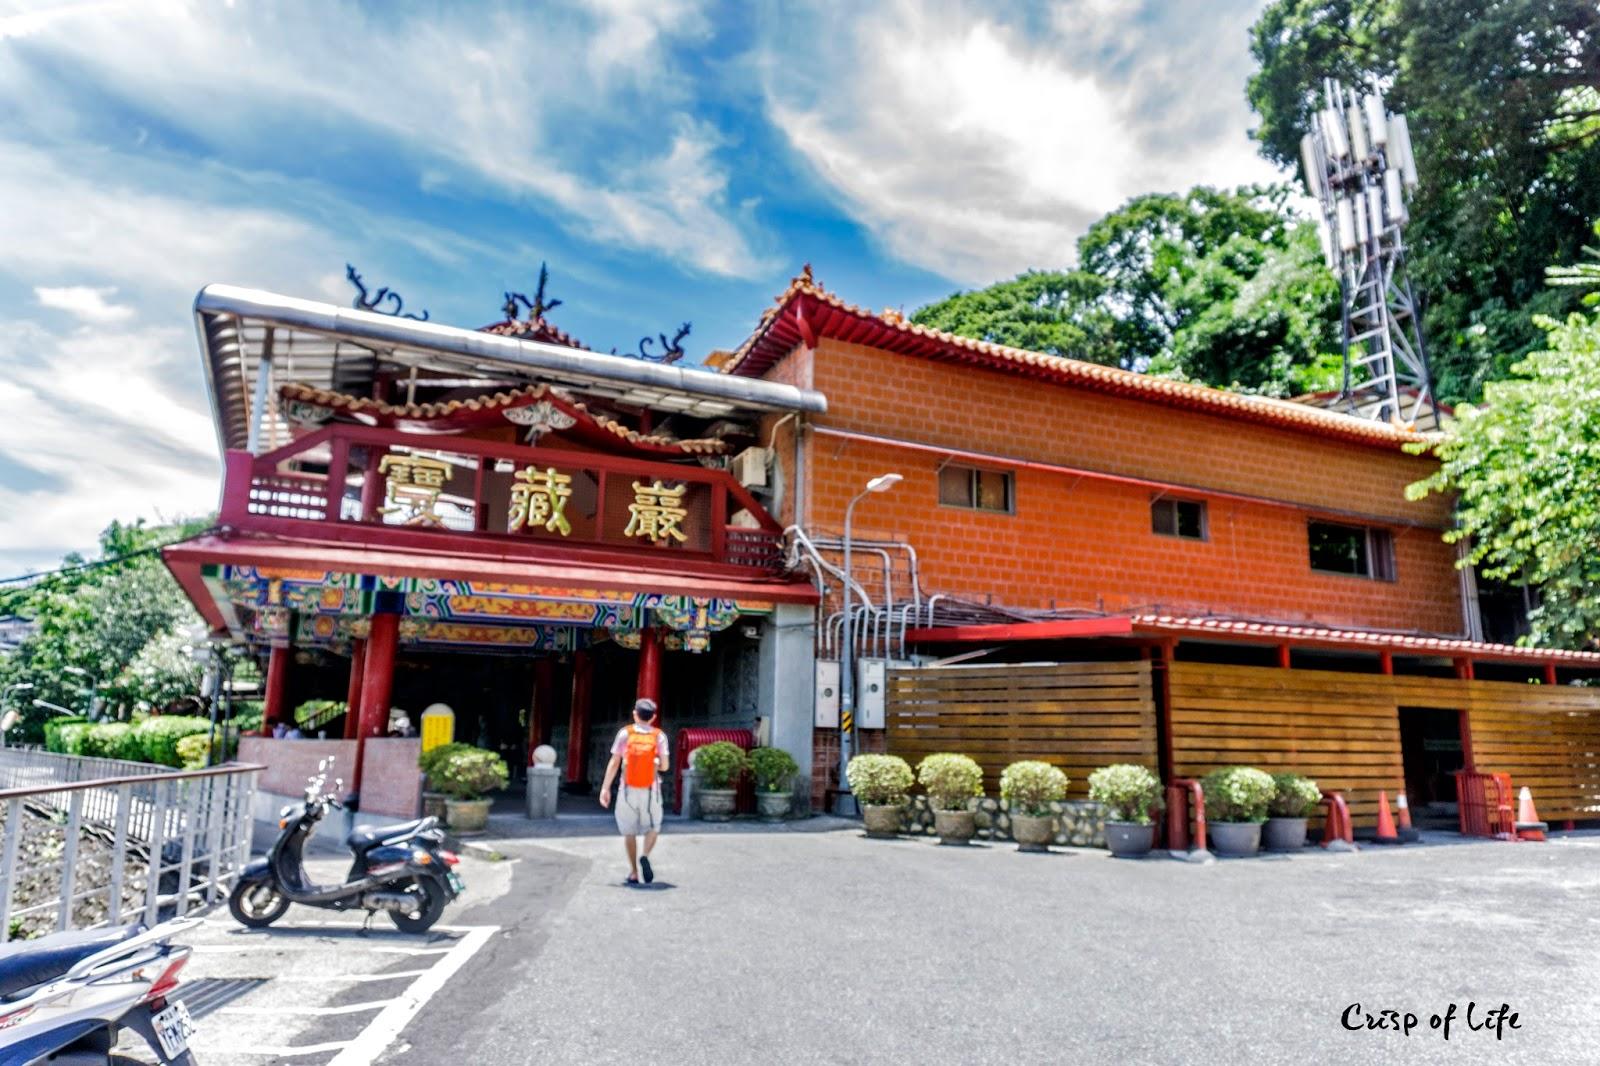 [TAIPEI 台北] Day 3: Treasure Hill Artist Village, Douhua @ Gongguan MRT 第三天:宝藏岩国际艺术村,龙谭豆花